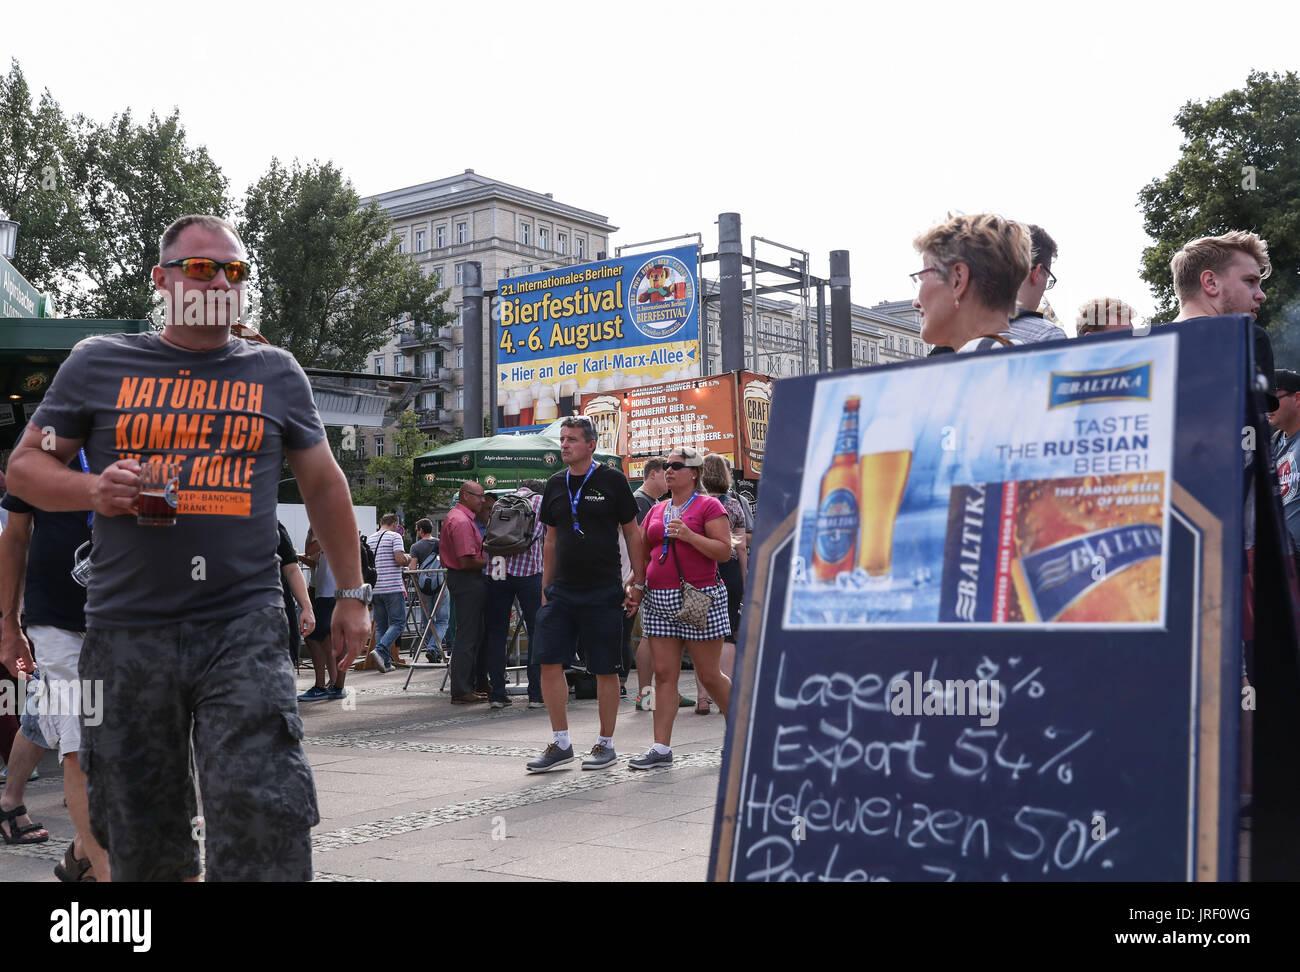 Berlin, Germany. 4th Aug, 2017. Visitors taste beer during the 21st International Berlin Beer Festival in Berlin, Stock Photo